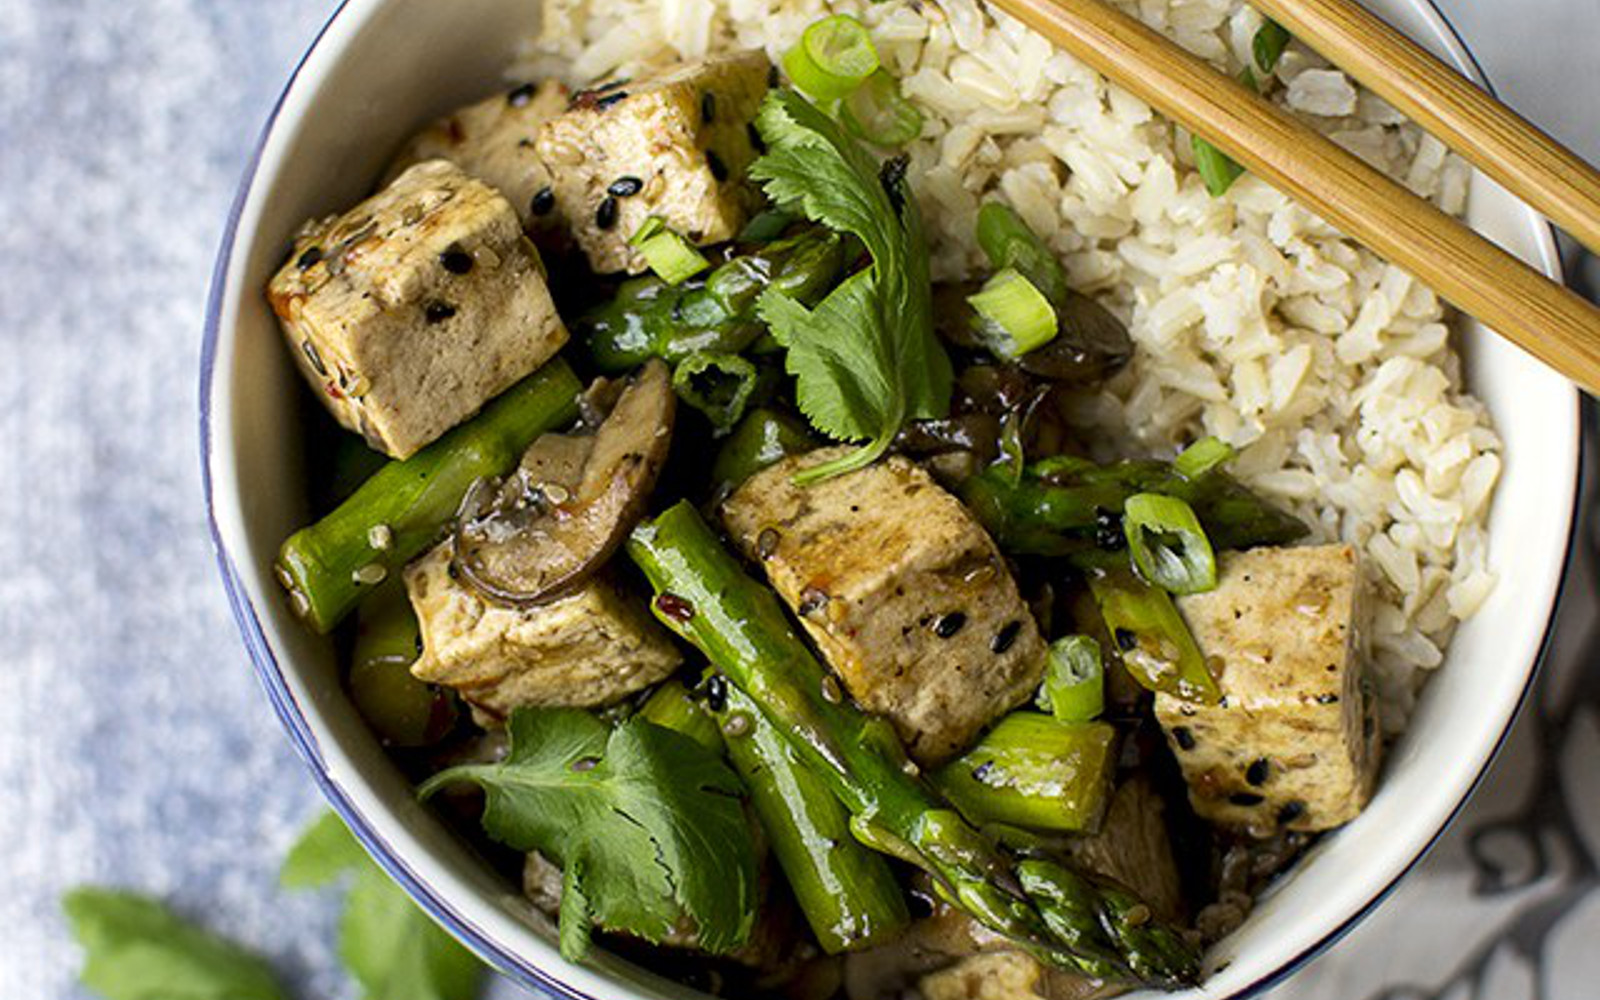 Vegan Sesame Tofu Asparagus Stir Fry